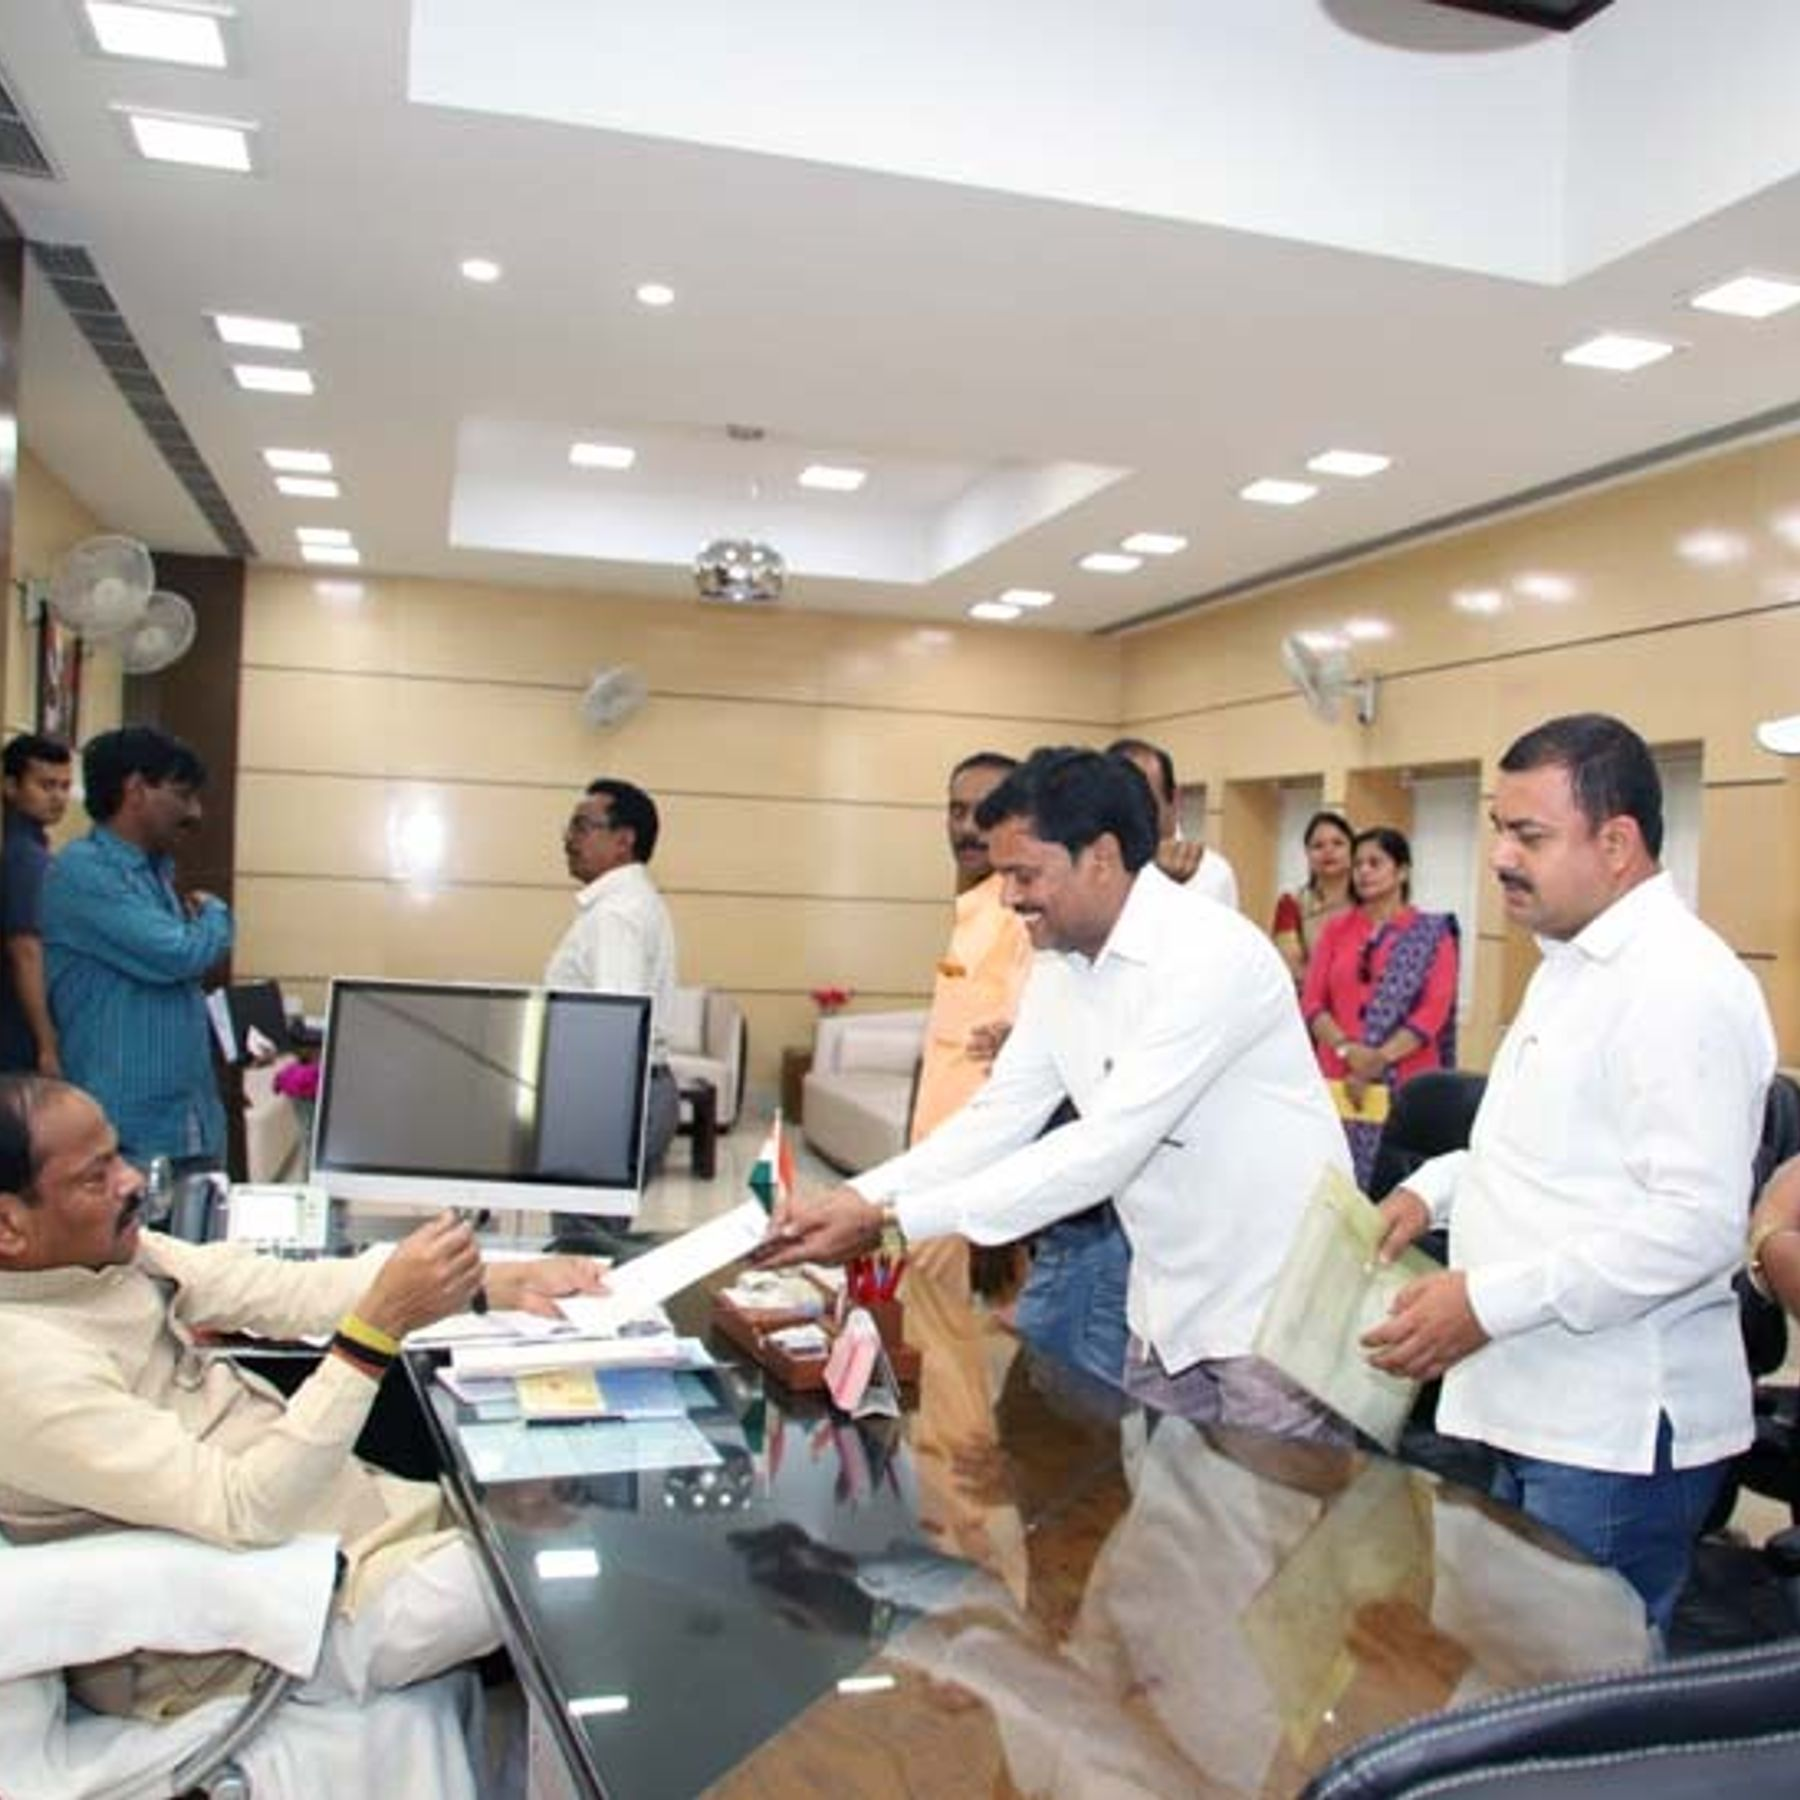 रघुवर दास ने कहा- पारा शिक्षक आंदोलन करने को मजबूर, नियमावली, वेतनमान, कल्याण कोष के गठन को लेकर मुख्यमंत्री हेमंत सोरेन को लिखा पत्र